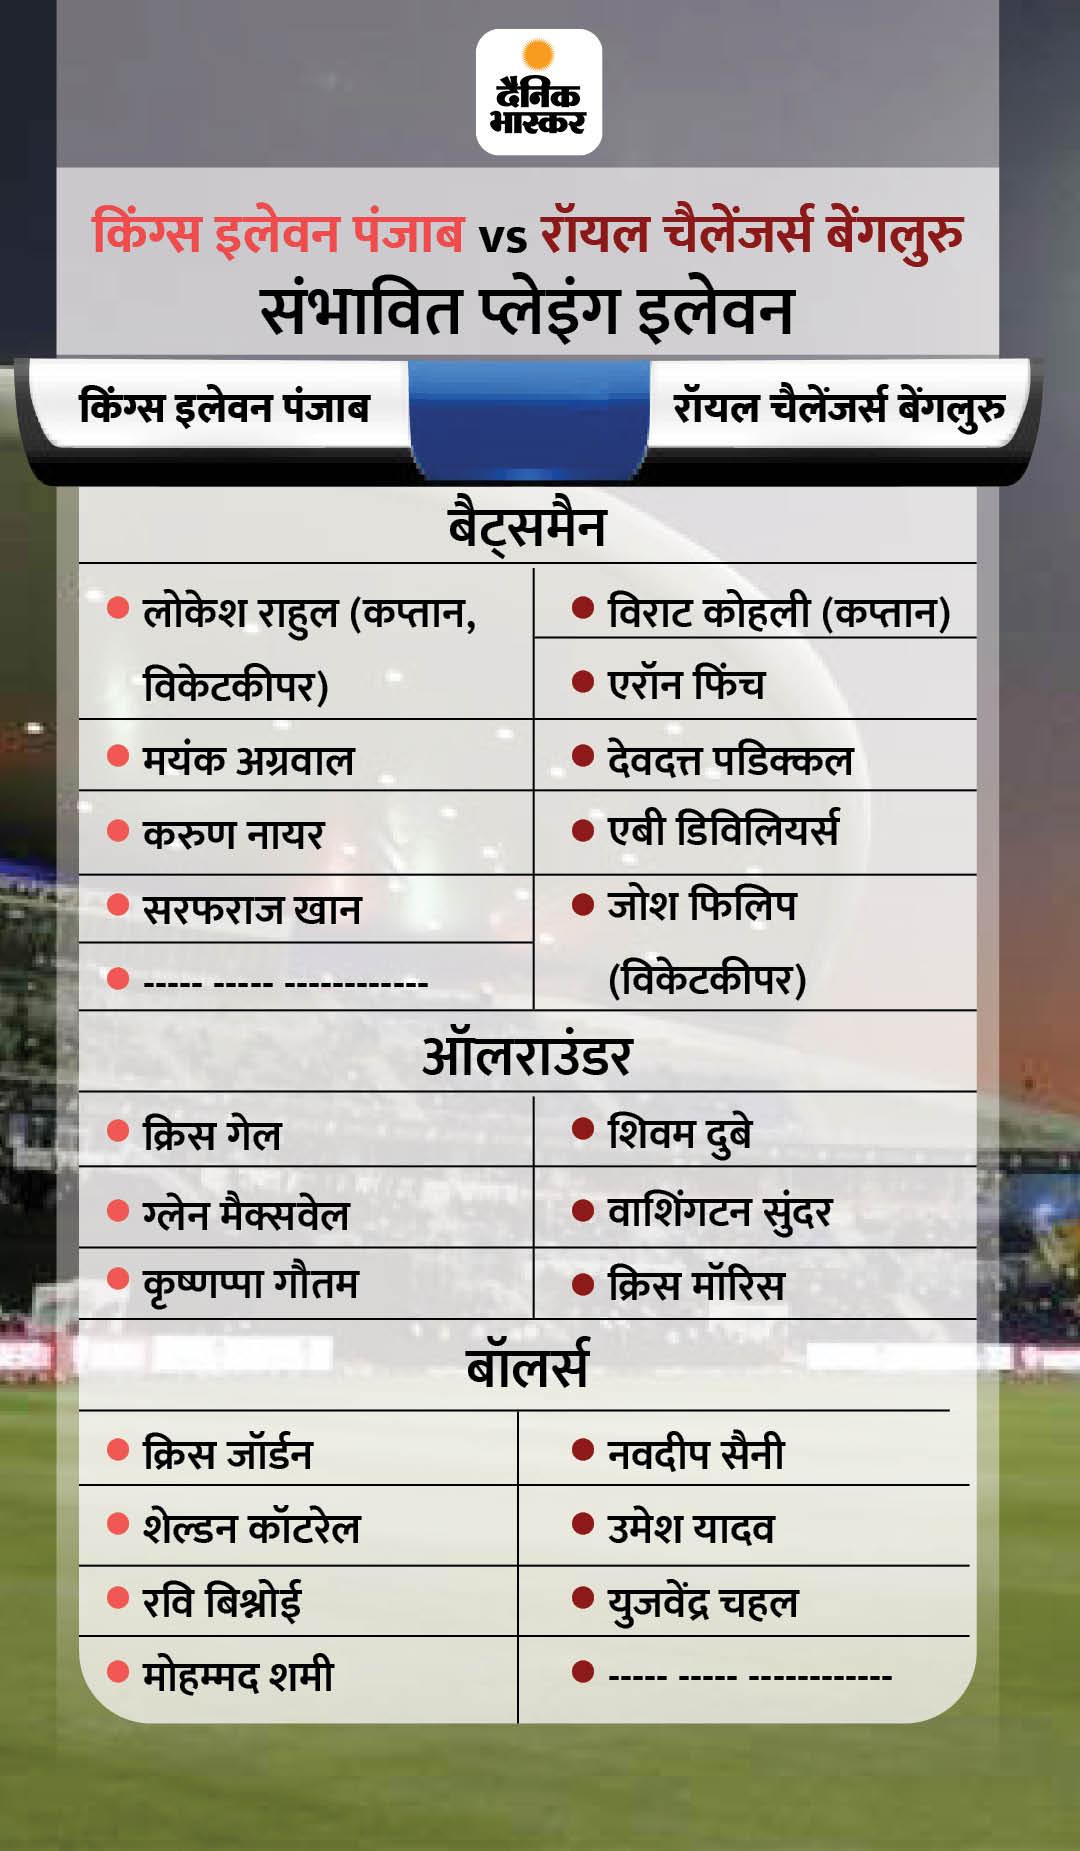 इस सीजन में पंजाब एक मैच हारी और बेंगलुरु एक जीत चुकी, किंग्स इलेवन के कोच कुंबले बोले- कोहली एंड टीम को रोकने की पूरी तैयारी